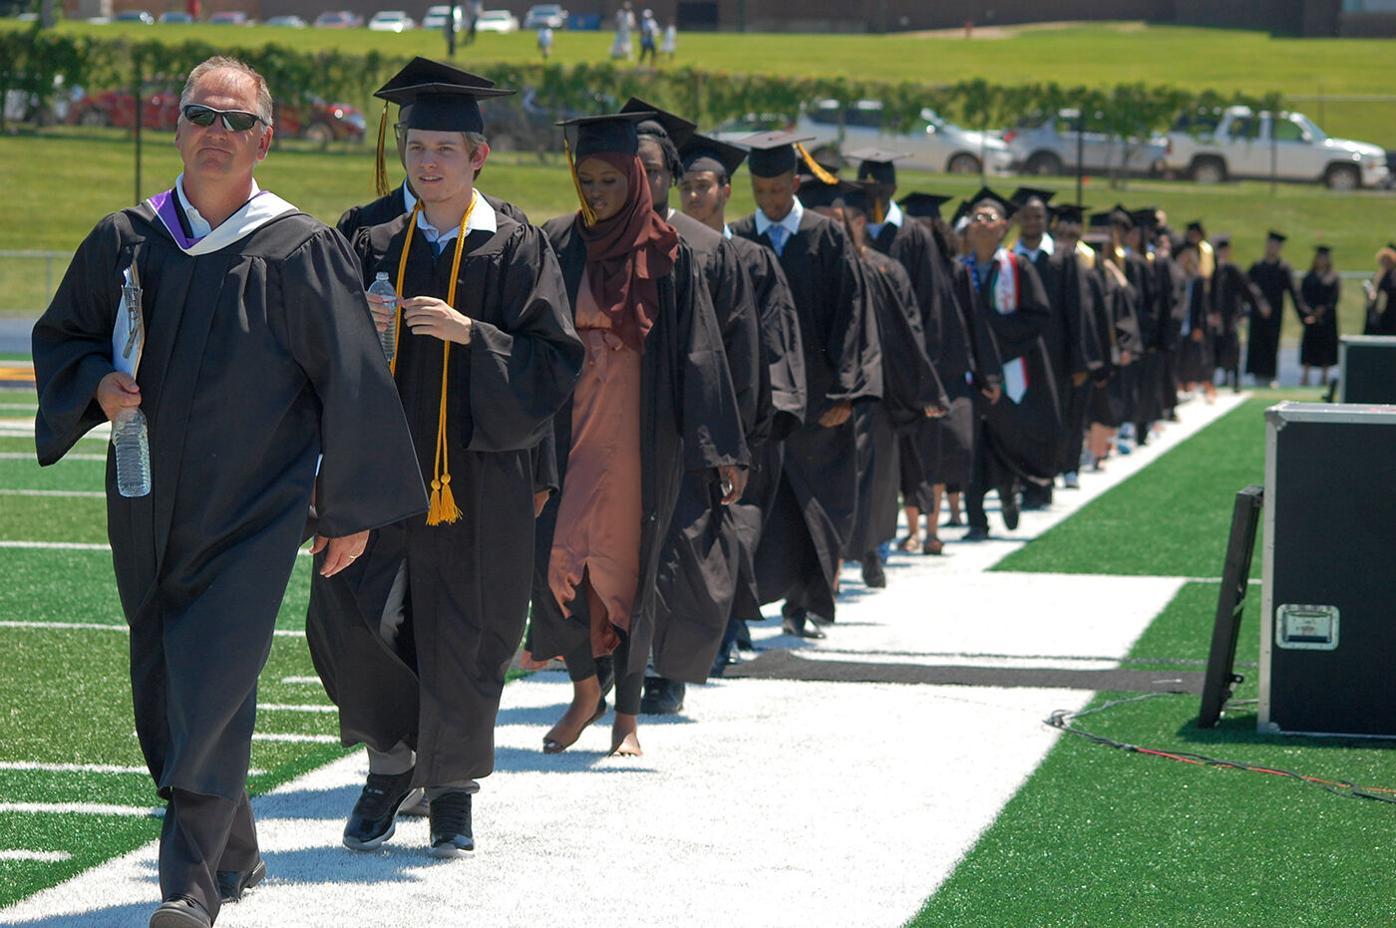 av apple valley high school graduation 1 2021 web.jpg